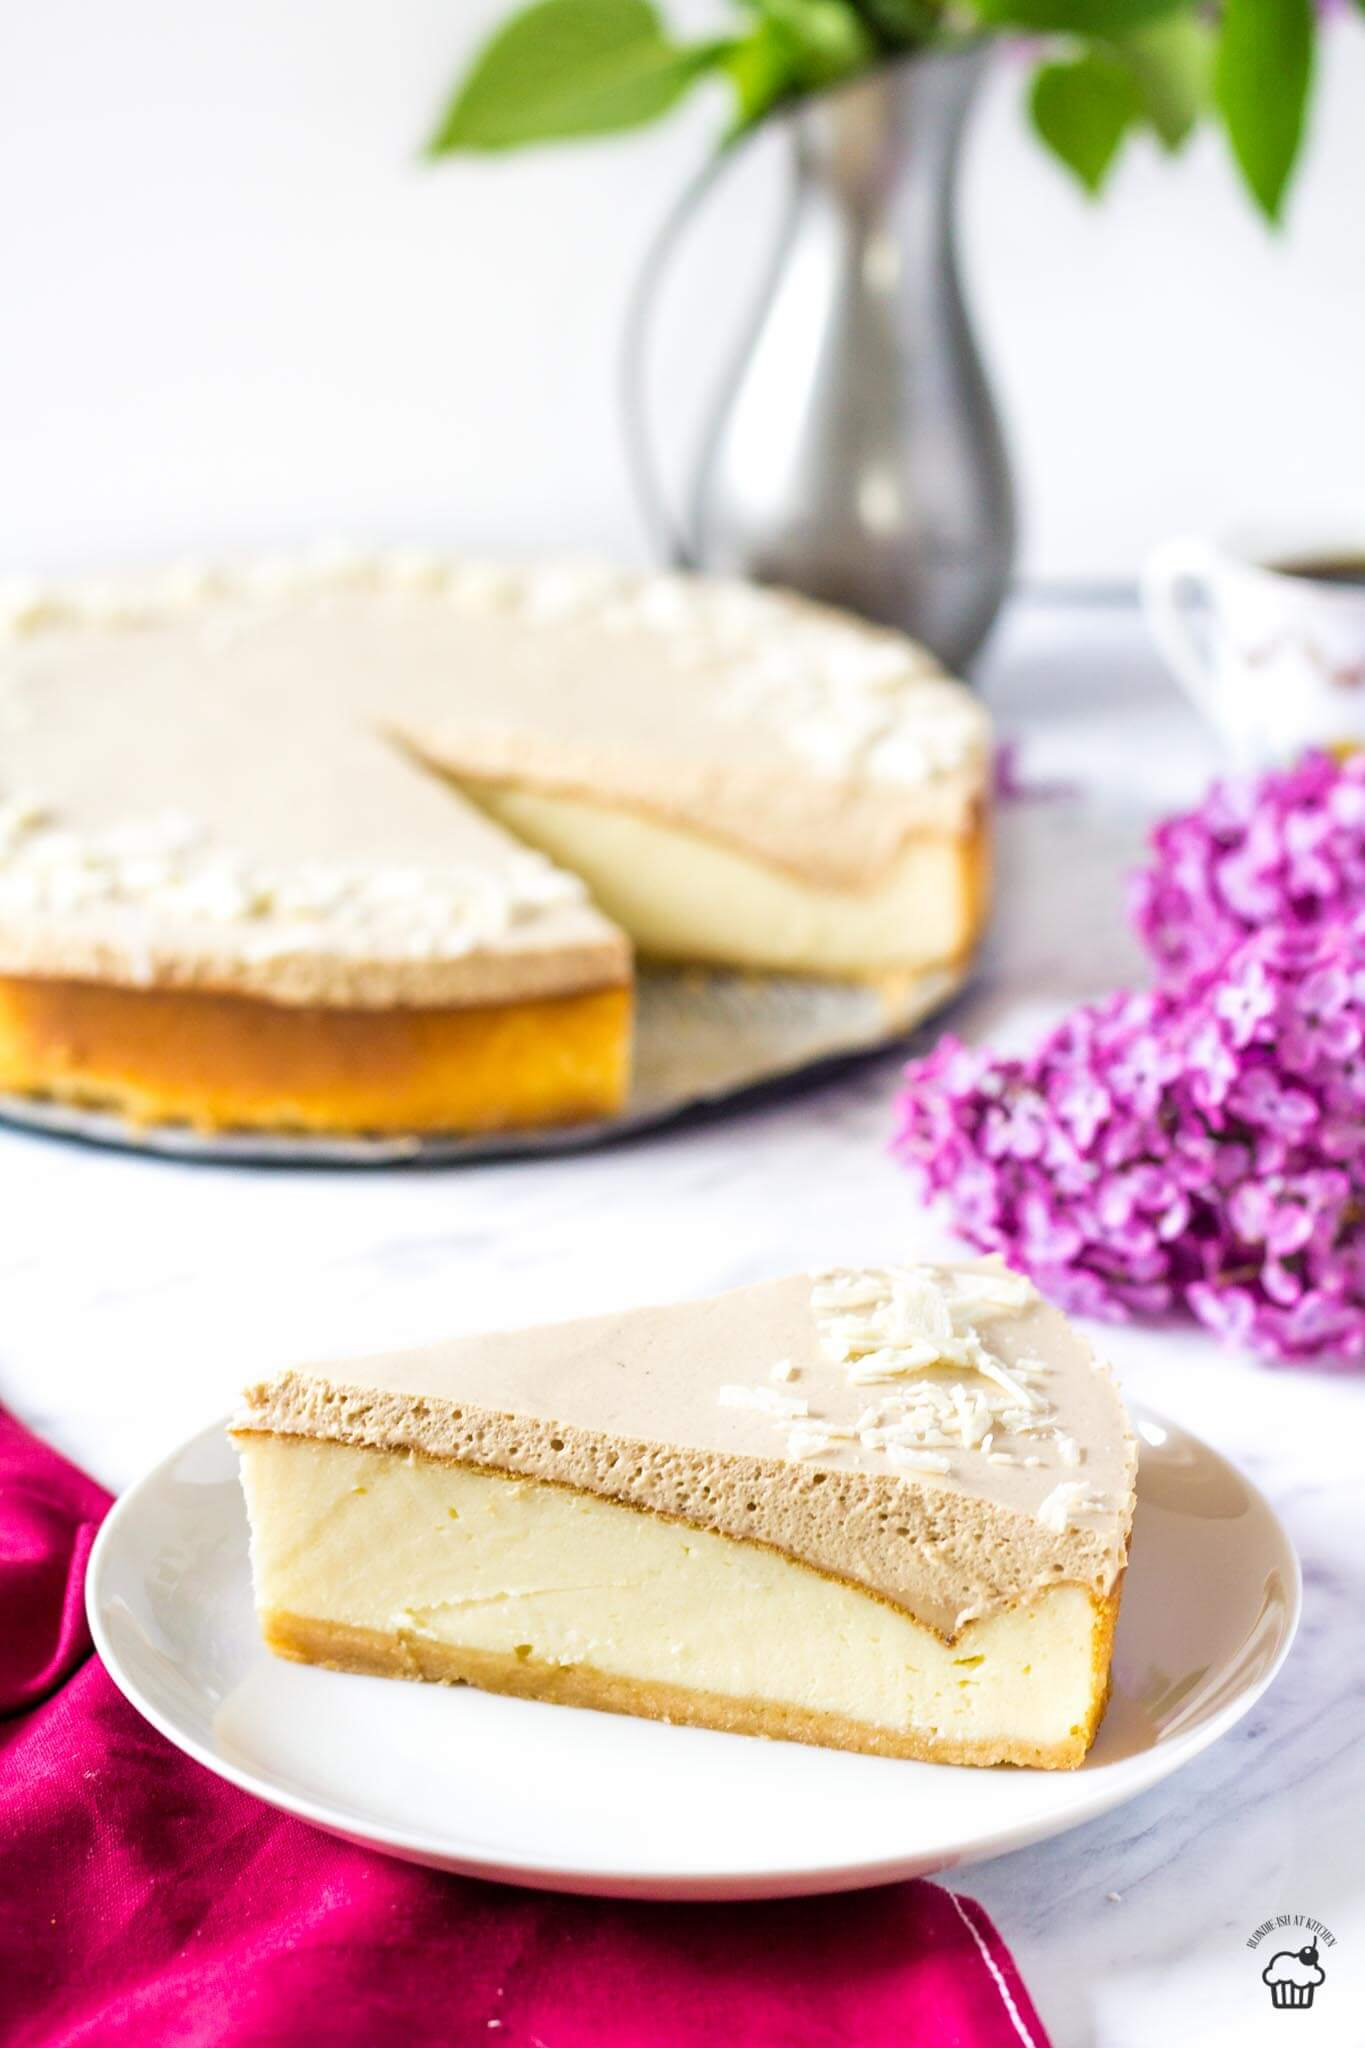 vanilkový cheesecake s kávovým mousse